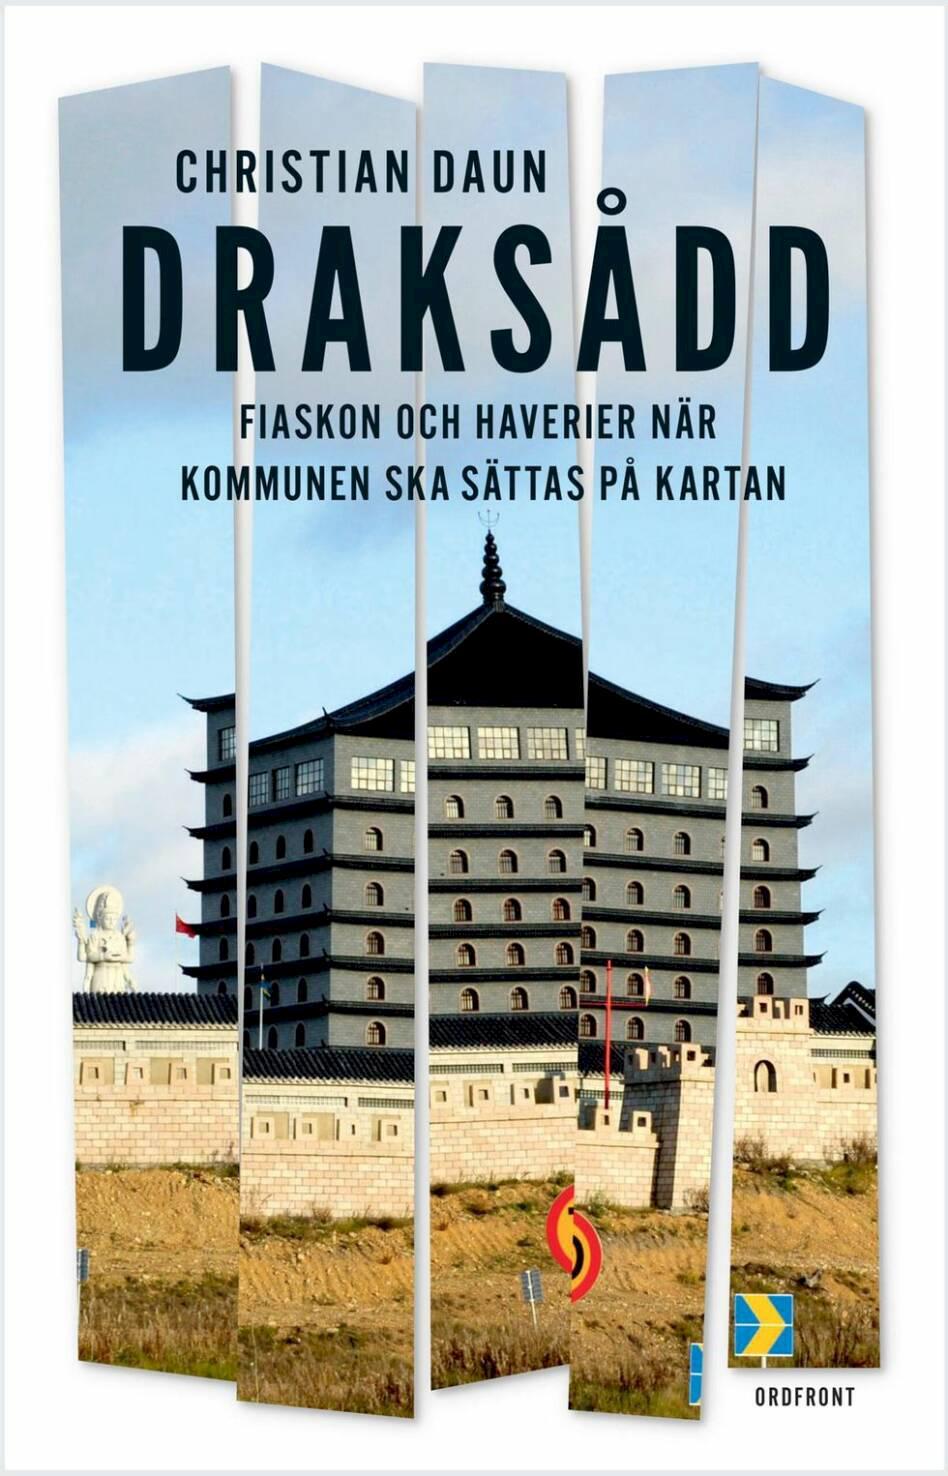 Katastrofturism och svenska övergivna platser i ny bok